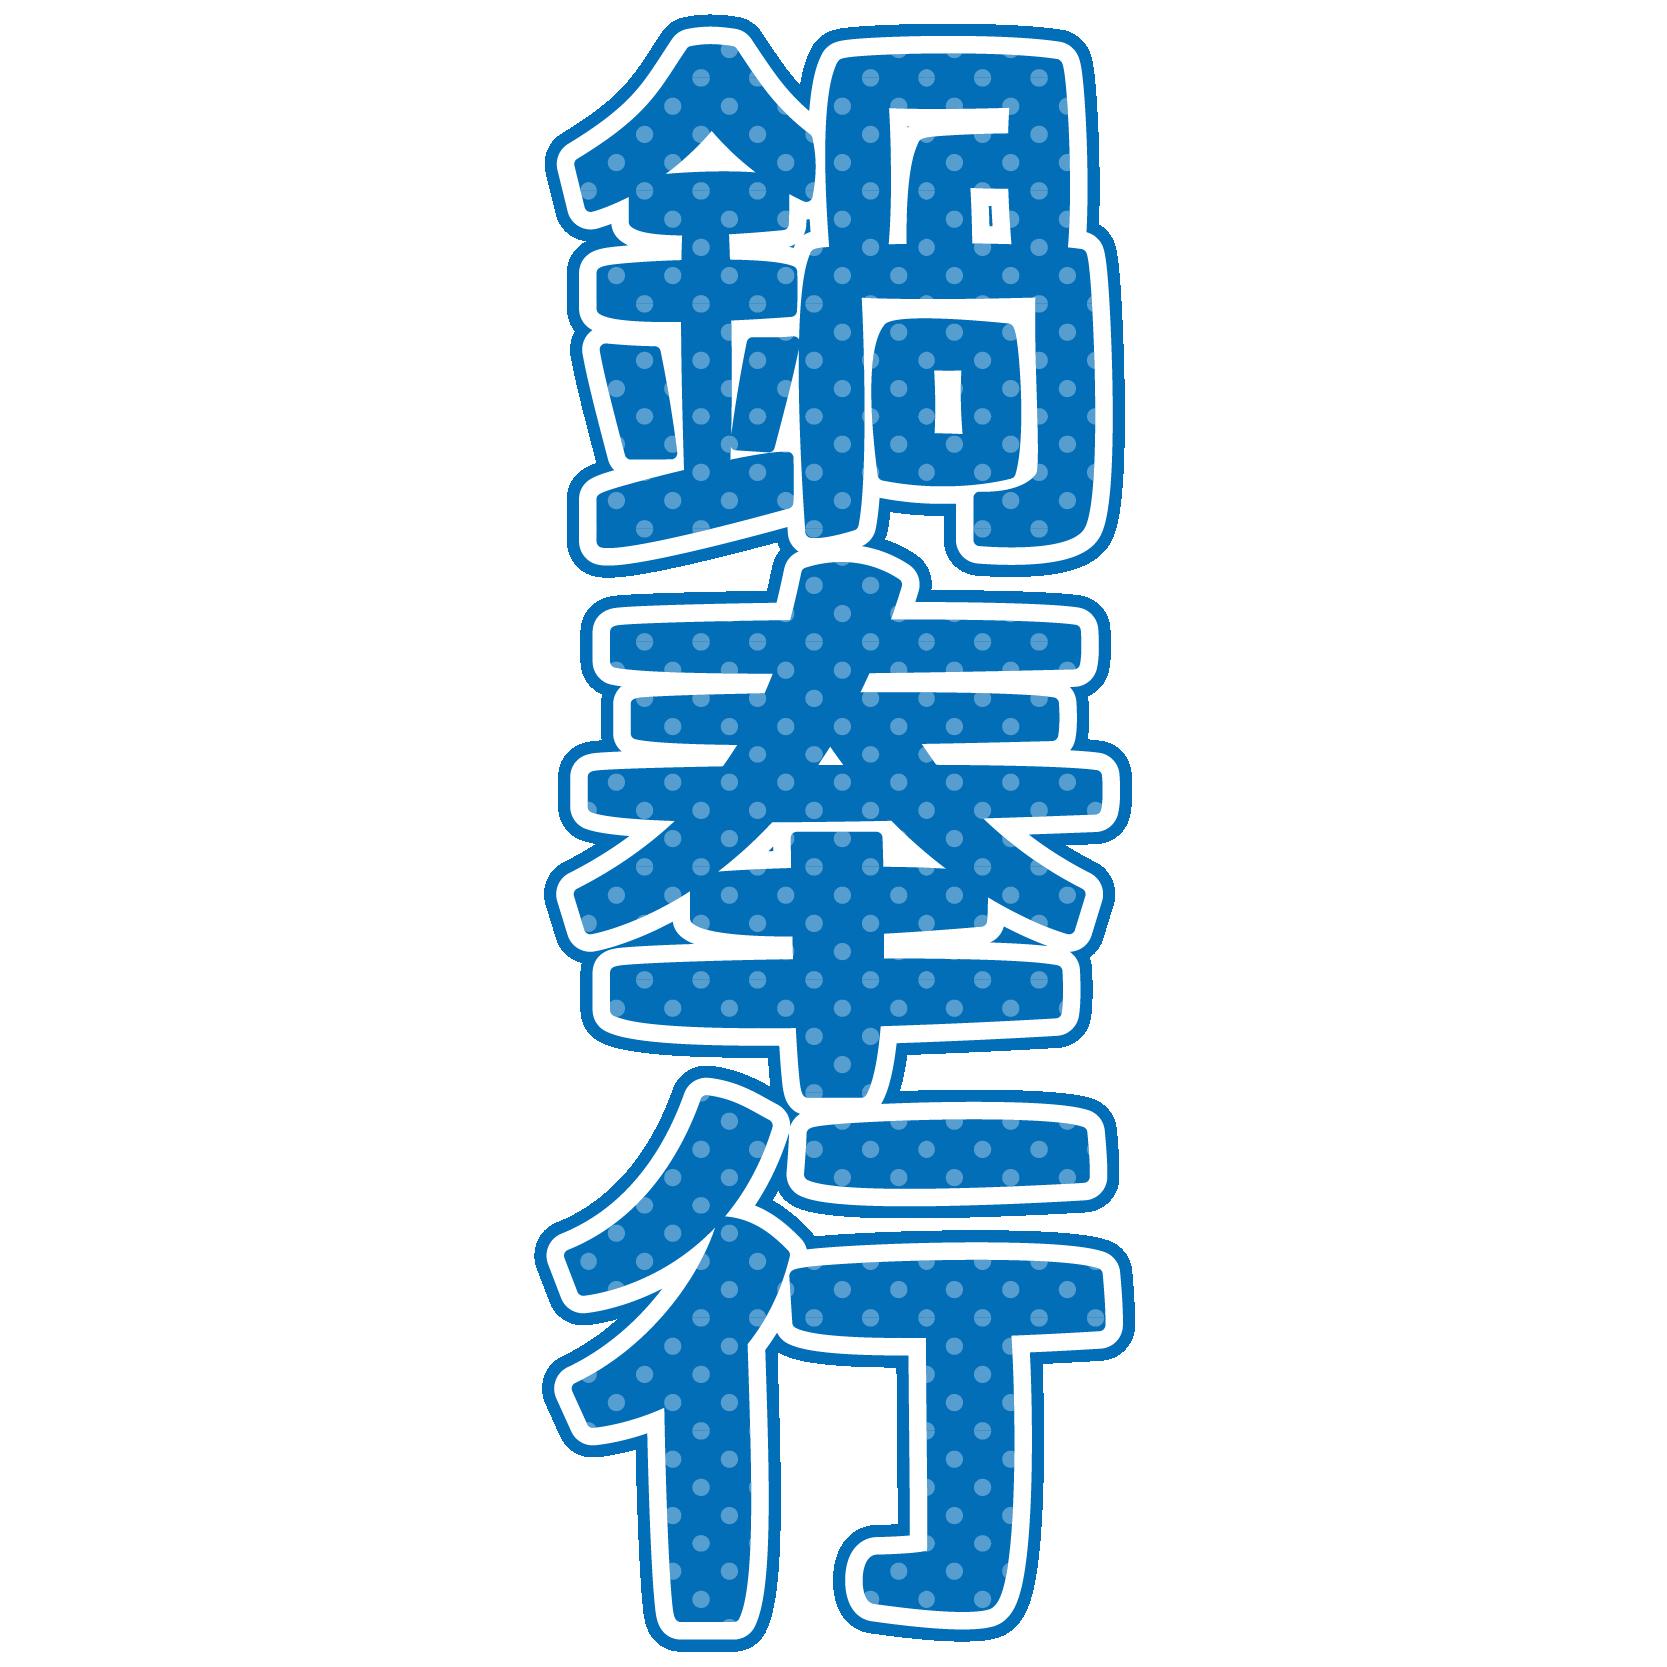 商用フリー・無料イラスト_鍋奉行文字_014